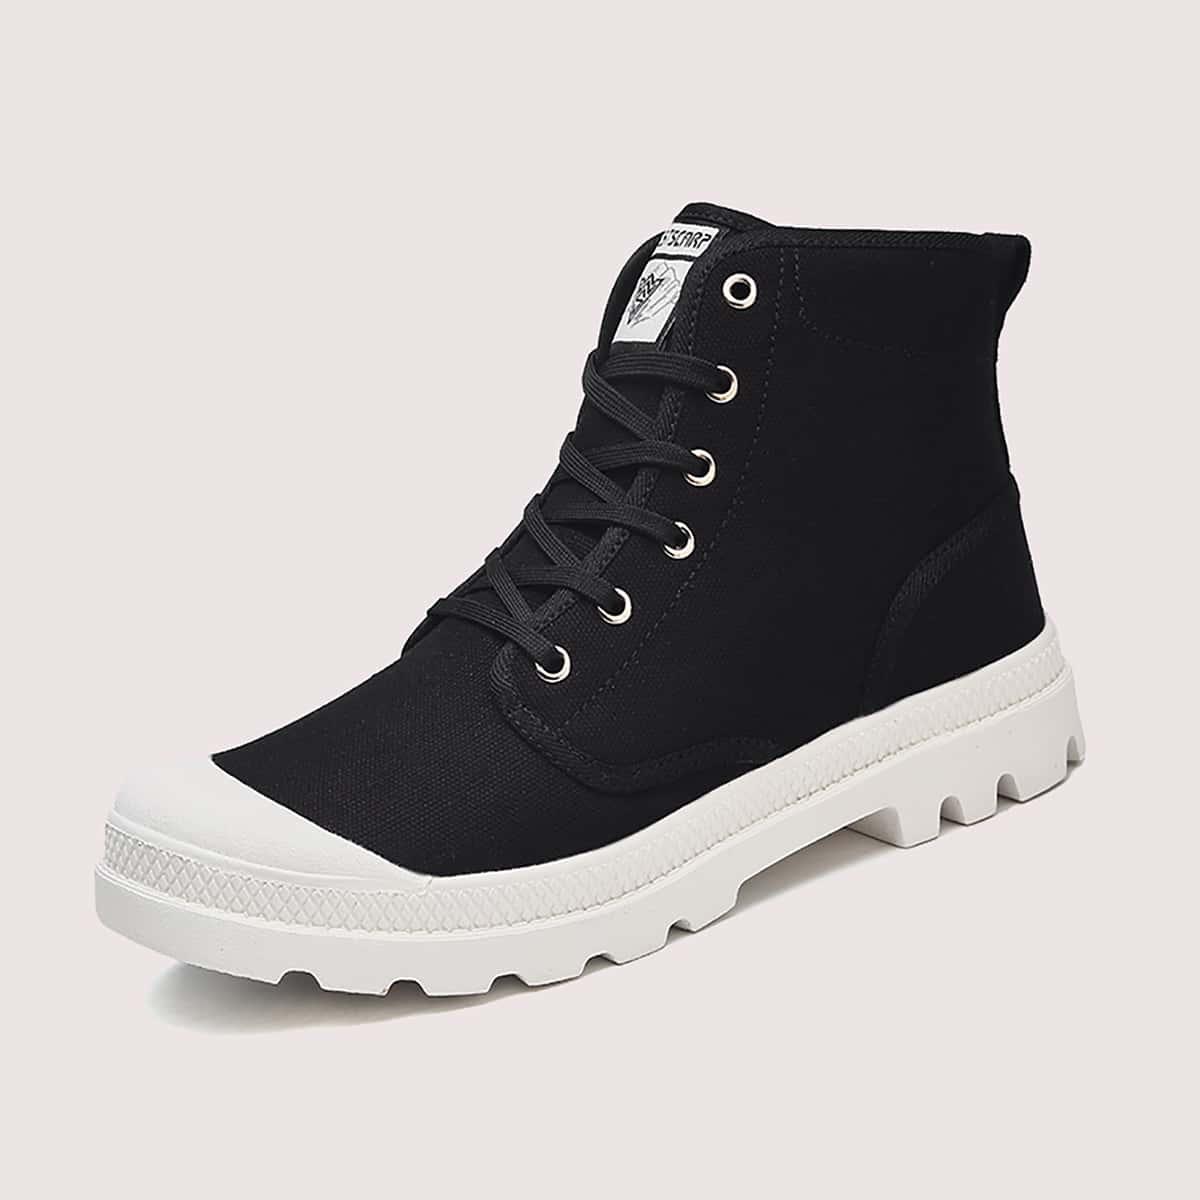 Мужские холщовые ботинки на шнурках